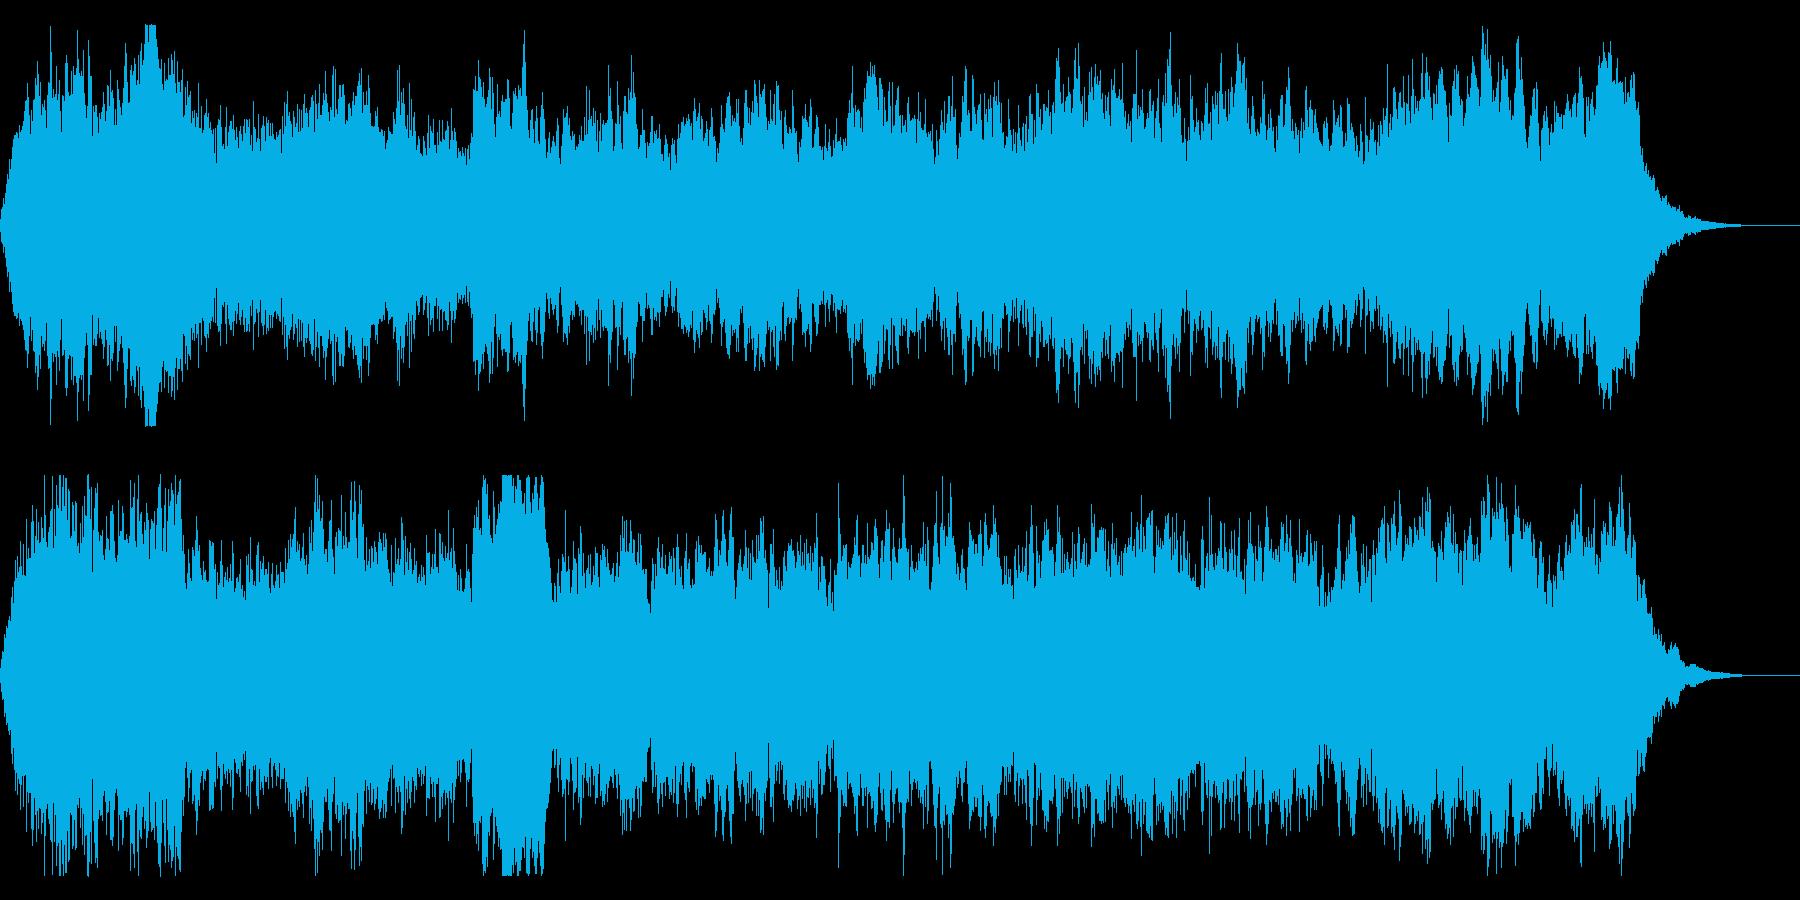 ホラーなオープニング / エンディングの再生済みの波形